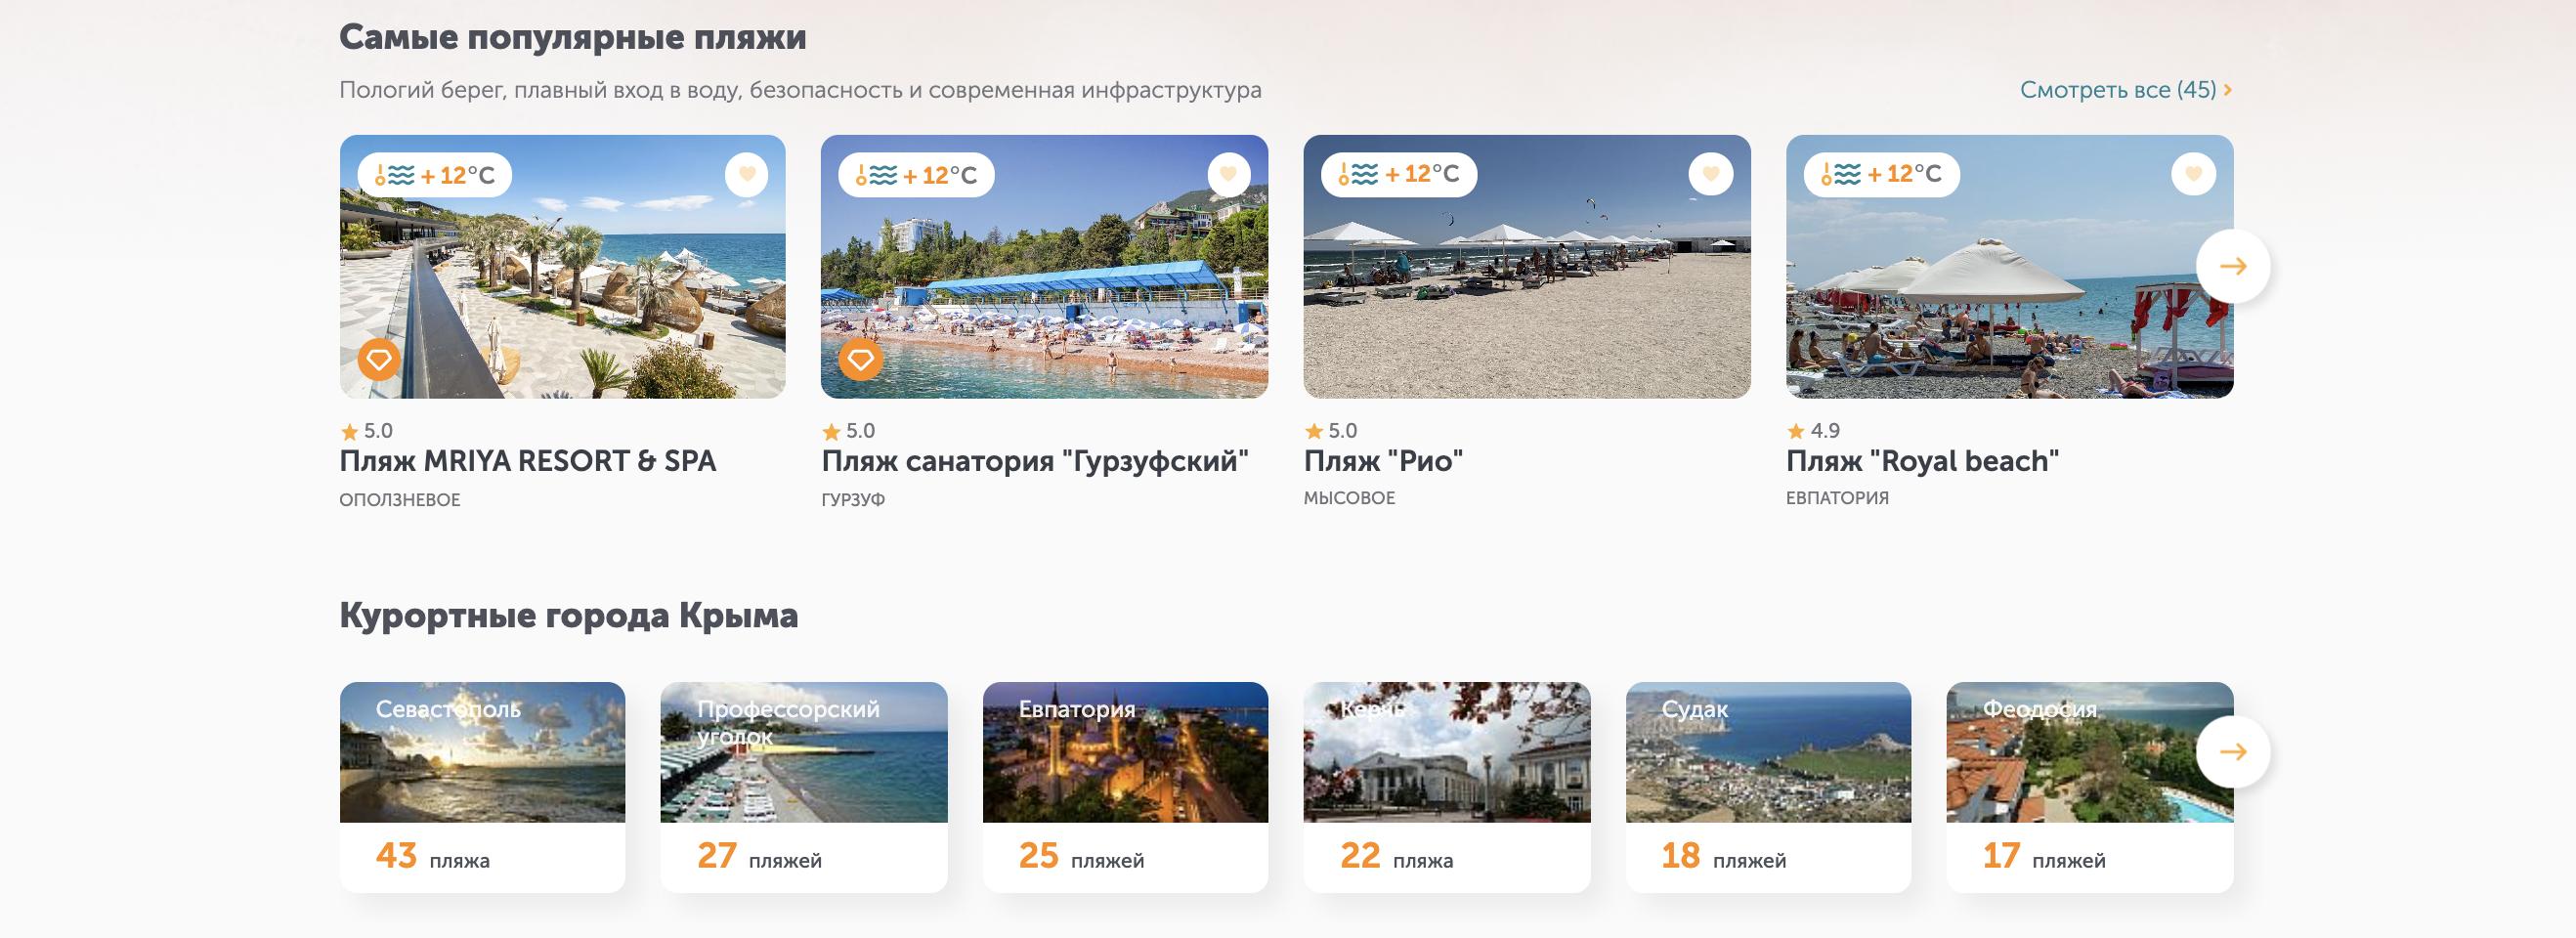 Создание экосистемы порталов для отдыха в Крыму